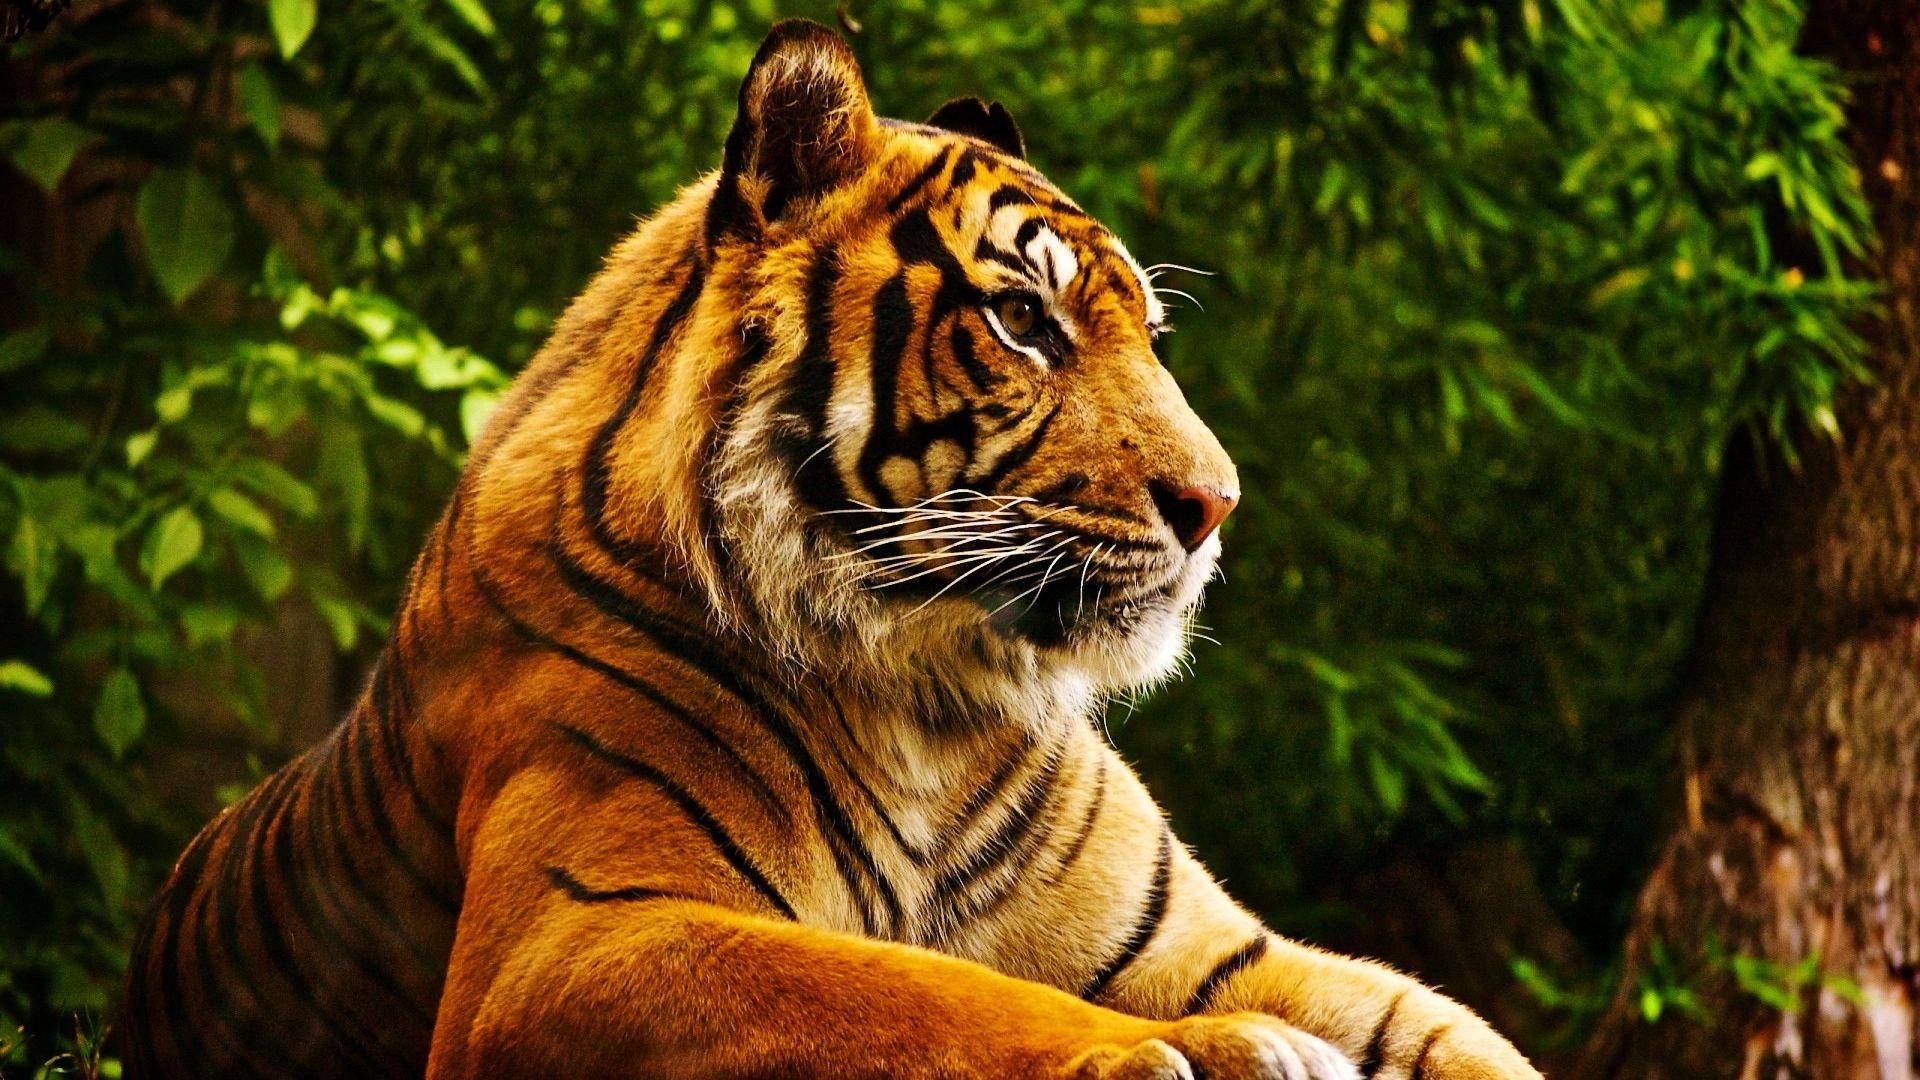 капканы картинки для планшета тигр голливуда прославился только